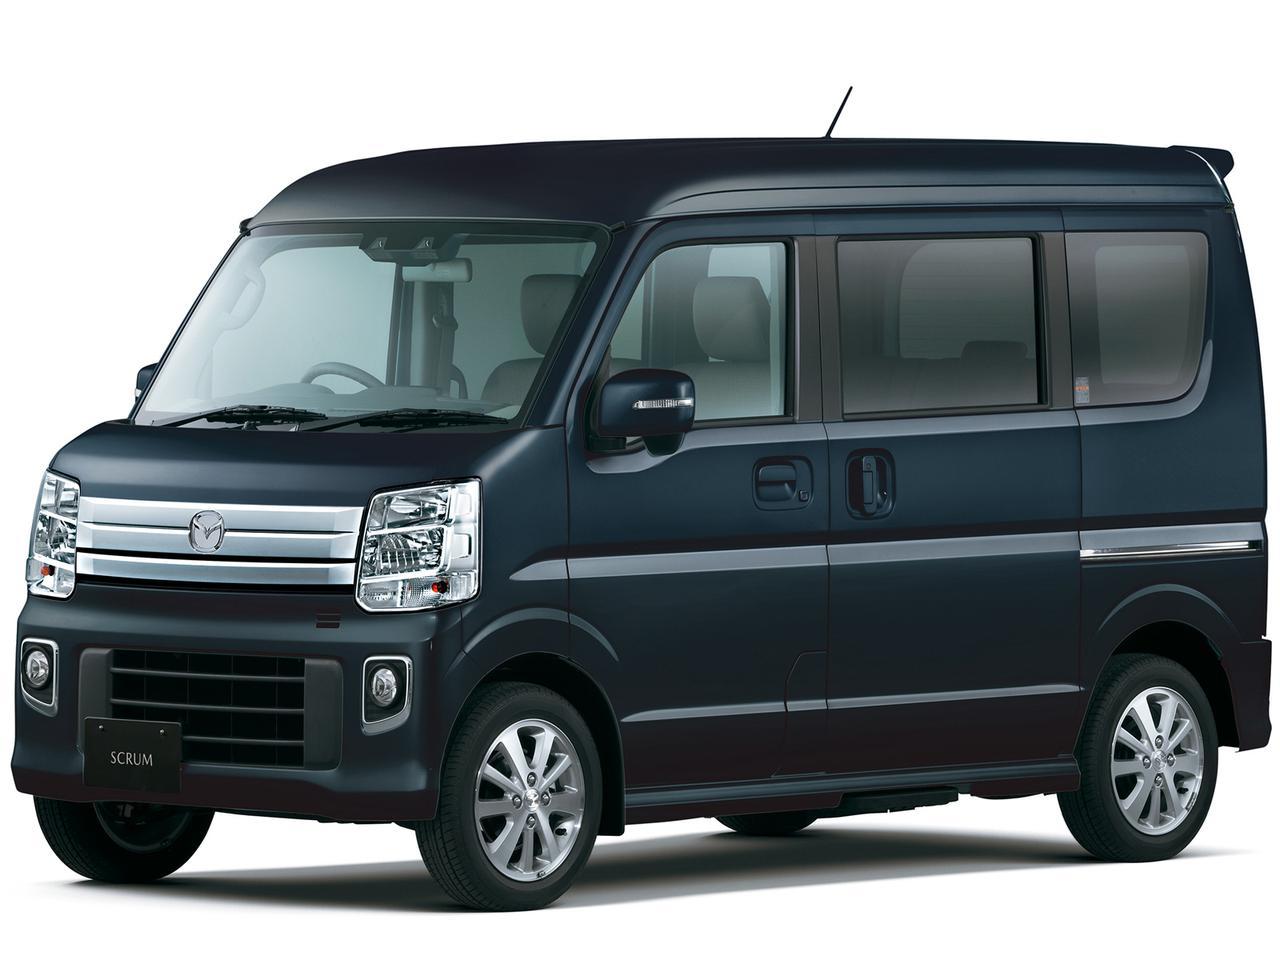 マツダのワンボックス軽自動車「スクラムワゴン」が一部改良で低燃費性と利便性を向上。バンも同時に改良